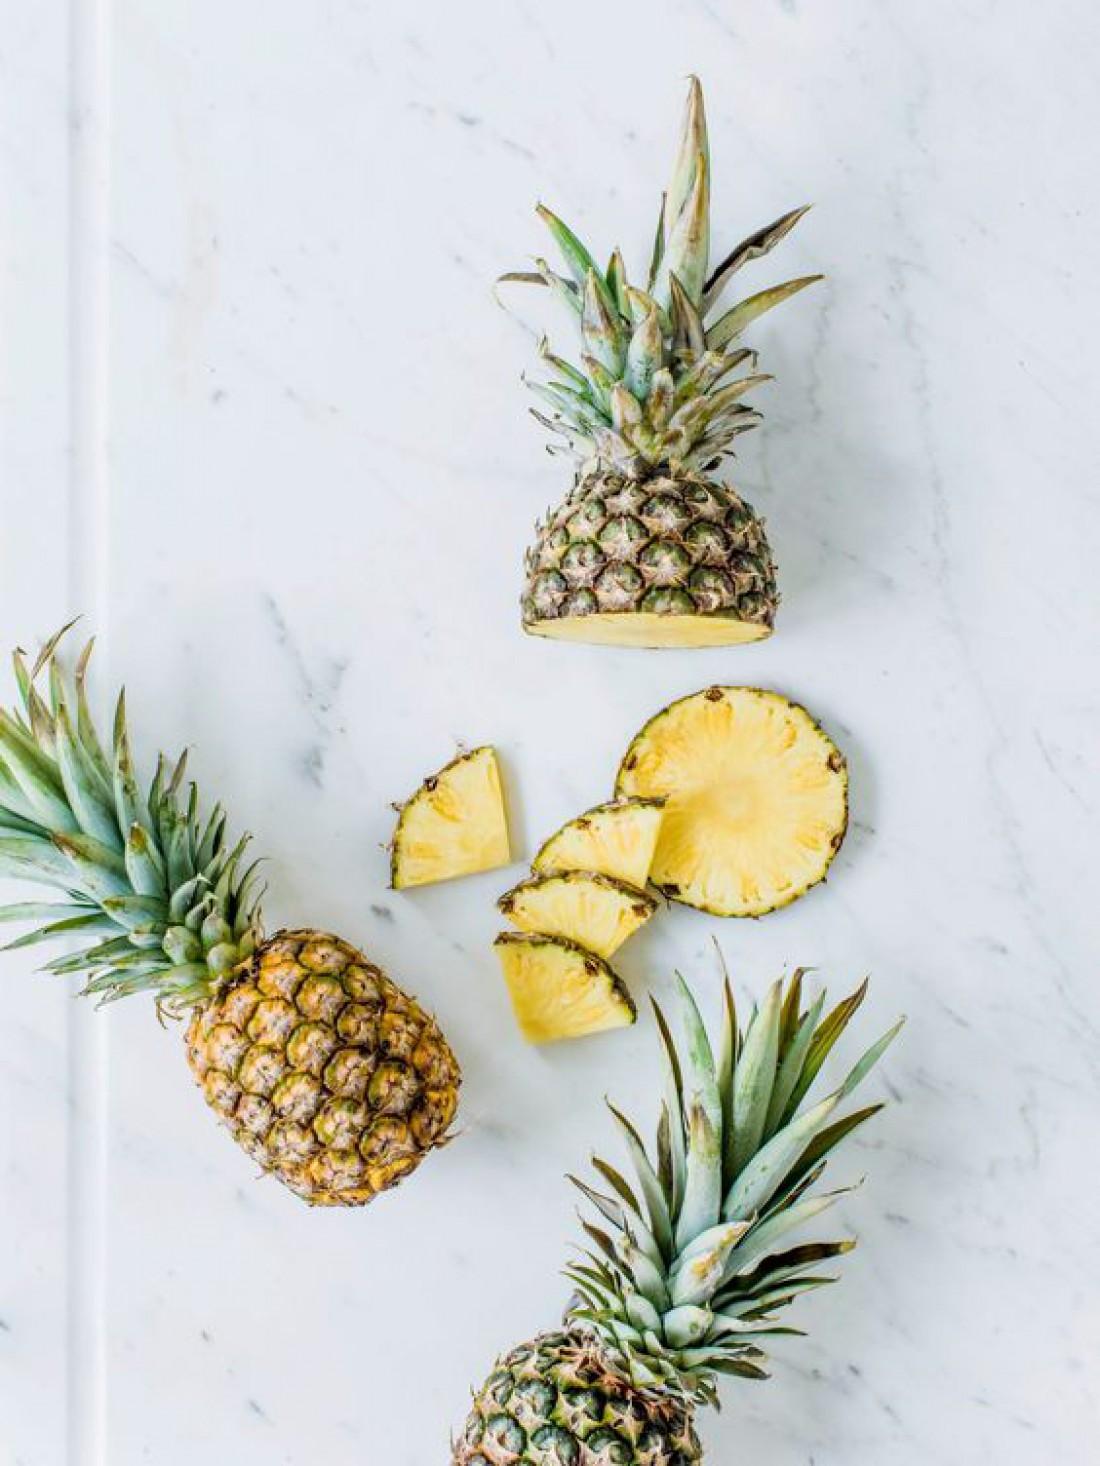 Как быстро почистить ананас: полезный лайфхак